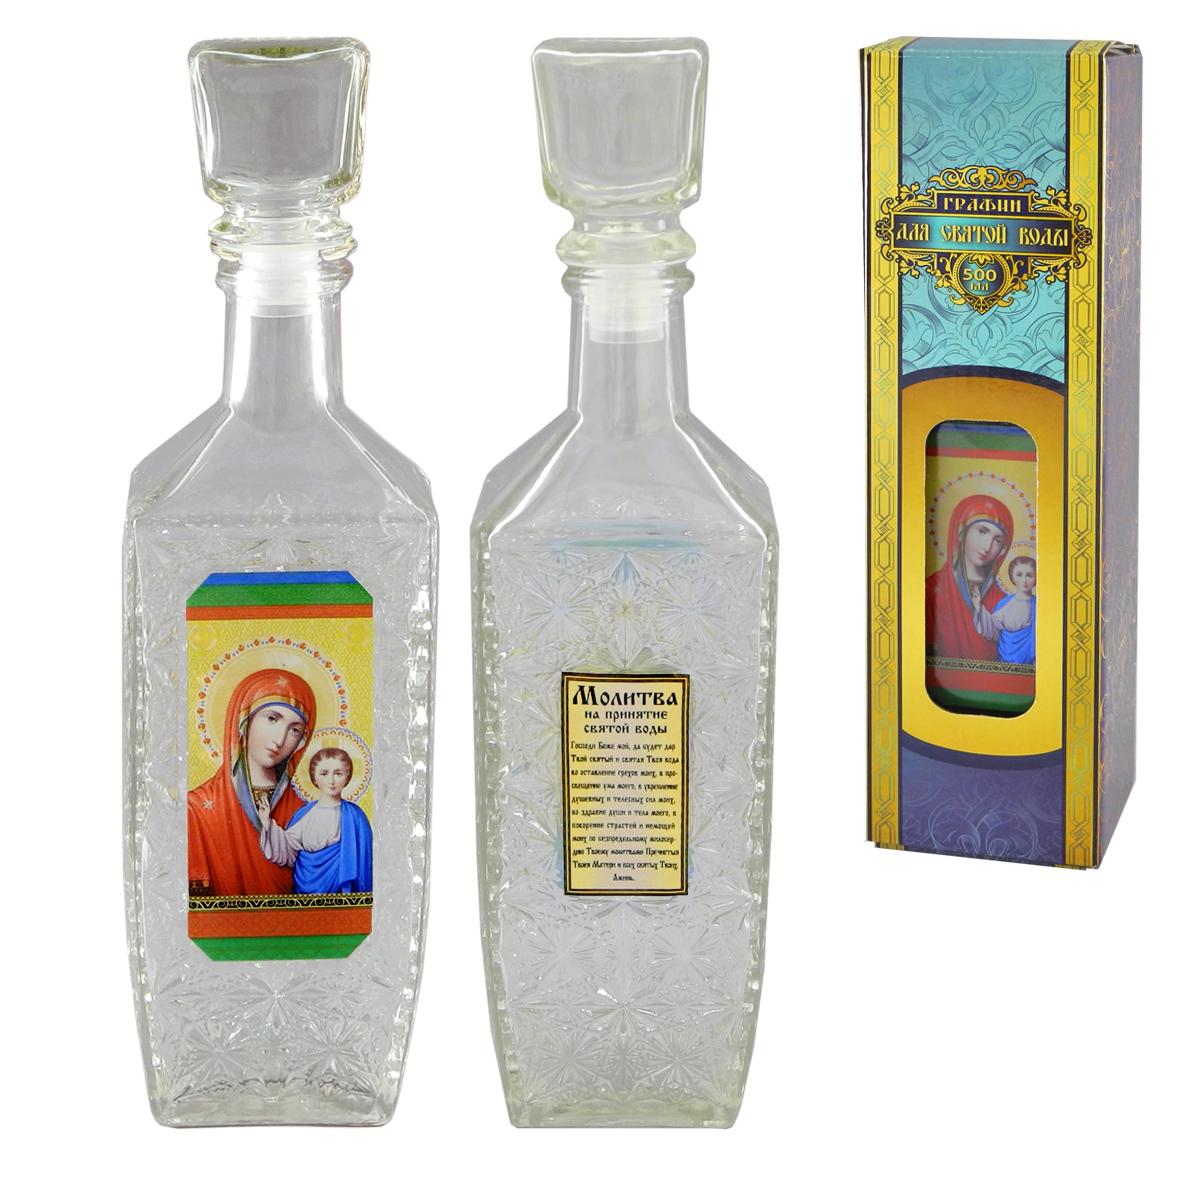 Сосуд для cвятой воды Казанская икона Божией Матери, 500 мл544-1533Сосуд для святой воды Kwestor Казанская икона Божией Матери изготовлен из стекла. Напереднейстенке сосуда изображена Казанская икона Божией Матери, на задней - молитва на принятиесвятойводы. Стенки сосуда имеют рельефную поверхность. Сосуд закрываетсястеклянной пробкой.